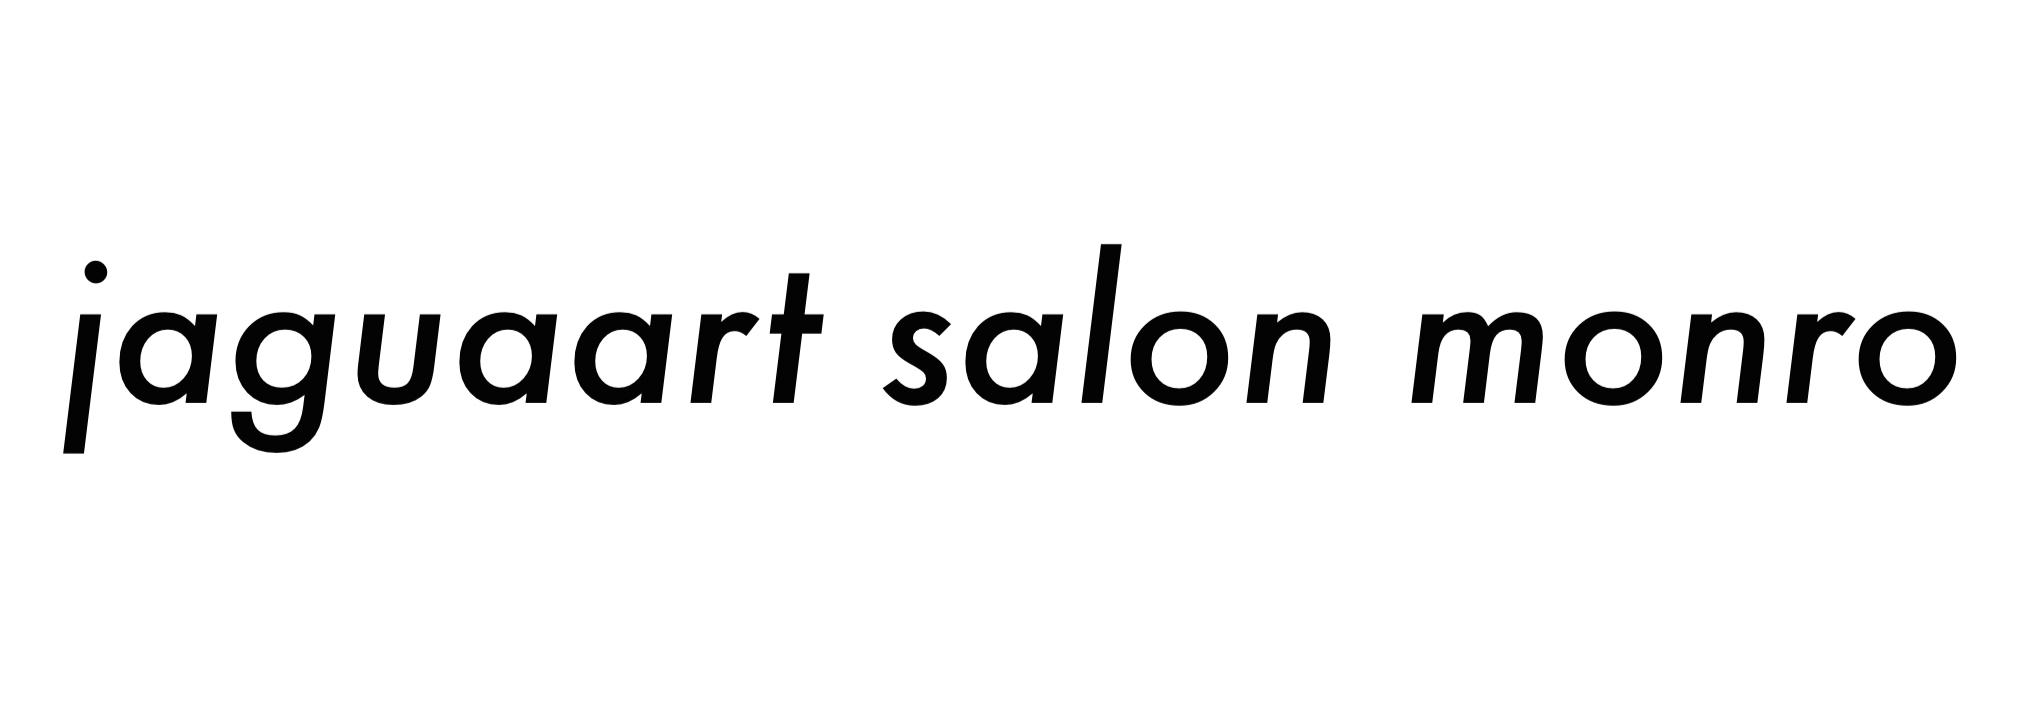 jaguaart salon monro